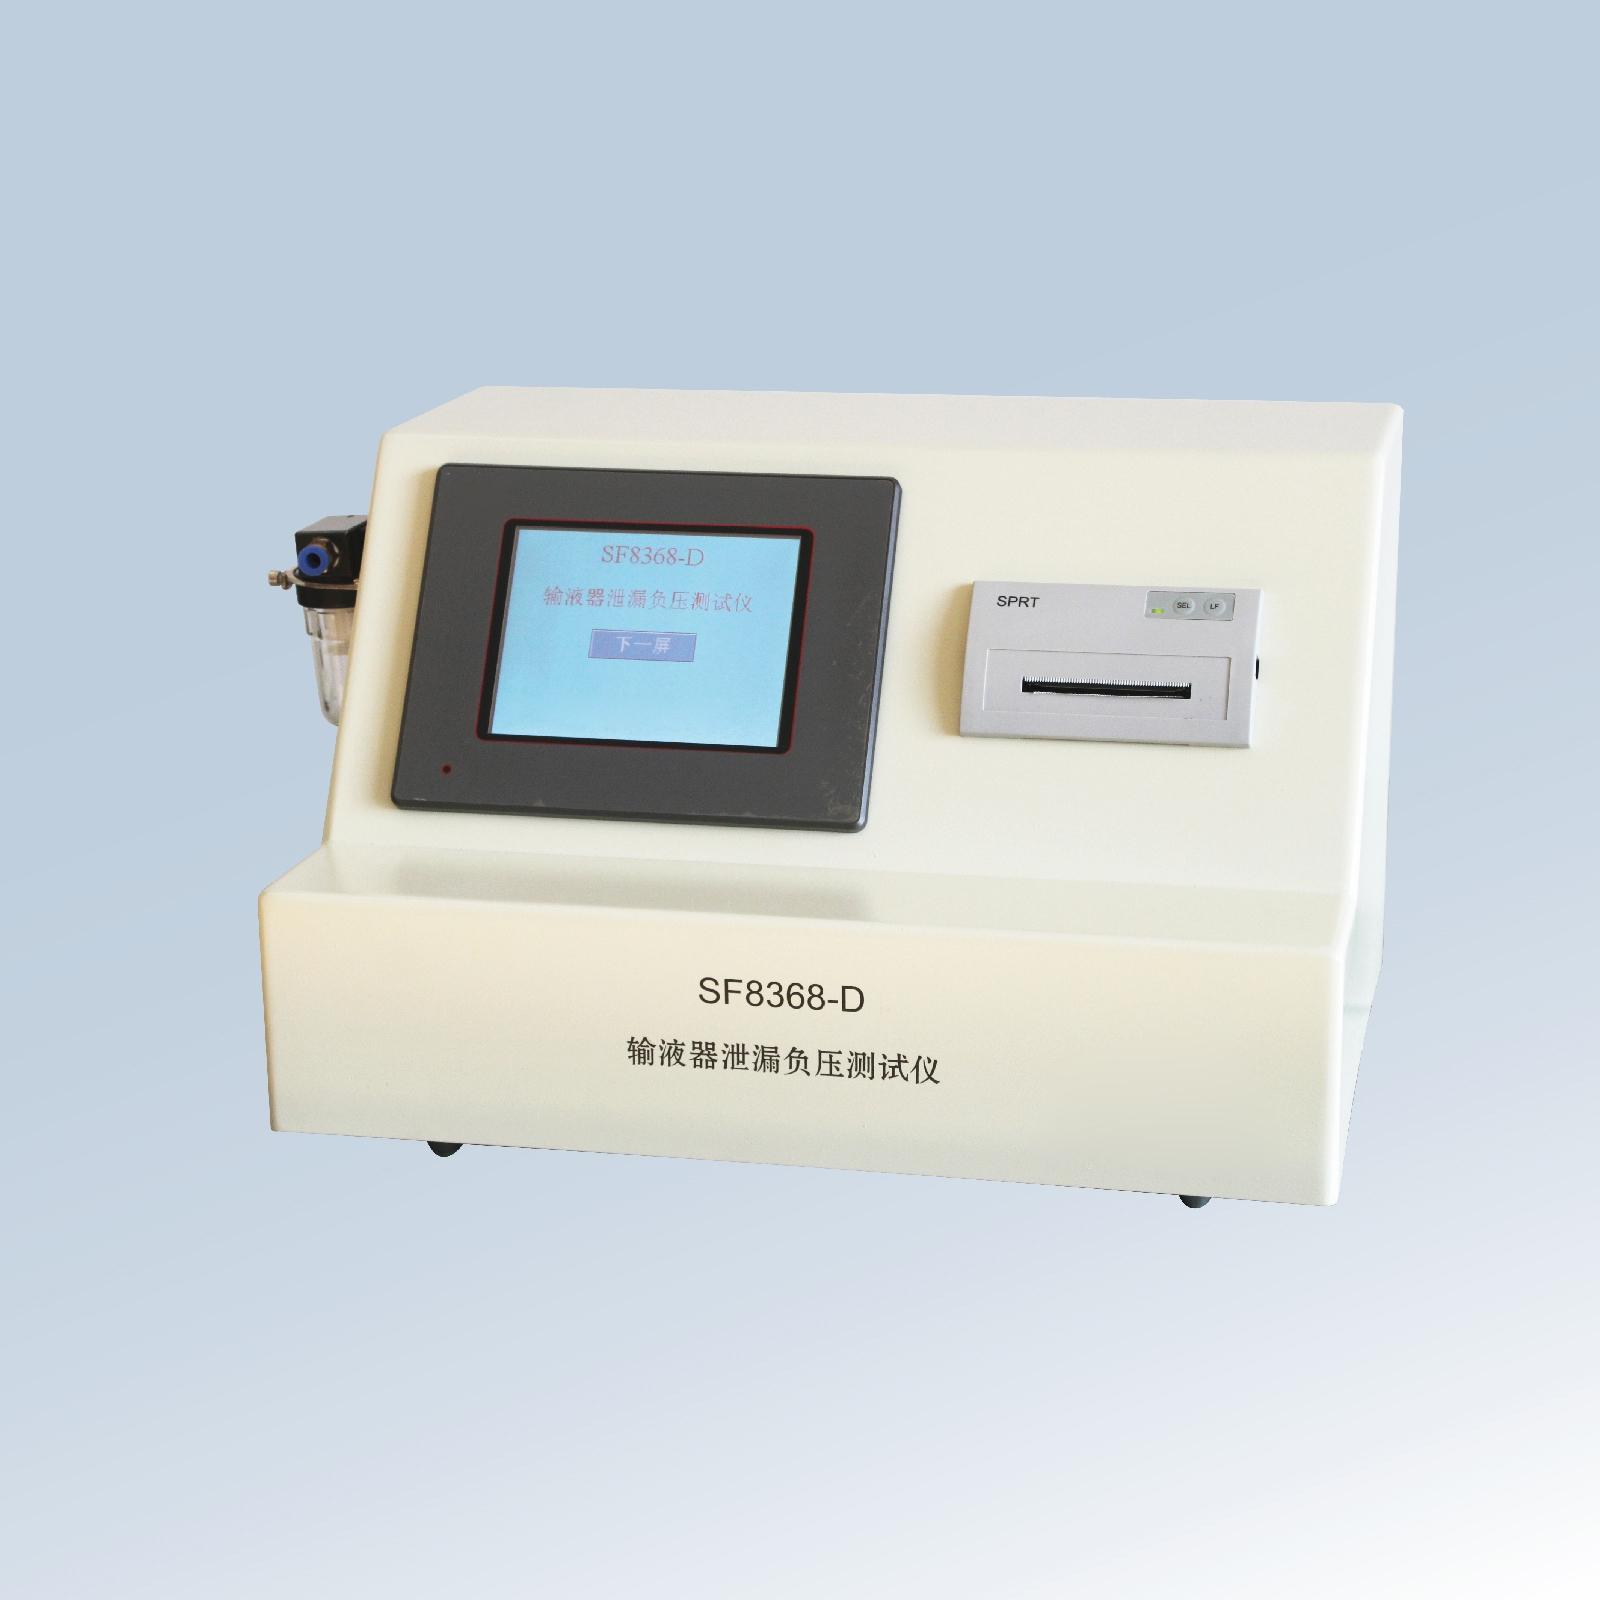 SF8368-D SZ8368-D 輸液器泄漏負壓測試儀 輸液器質量檢定裝置